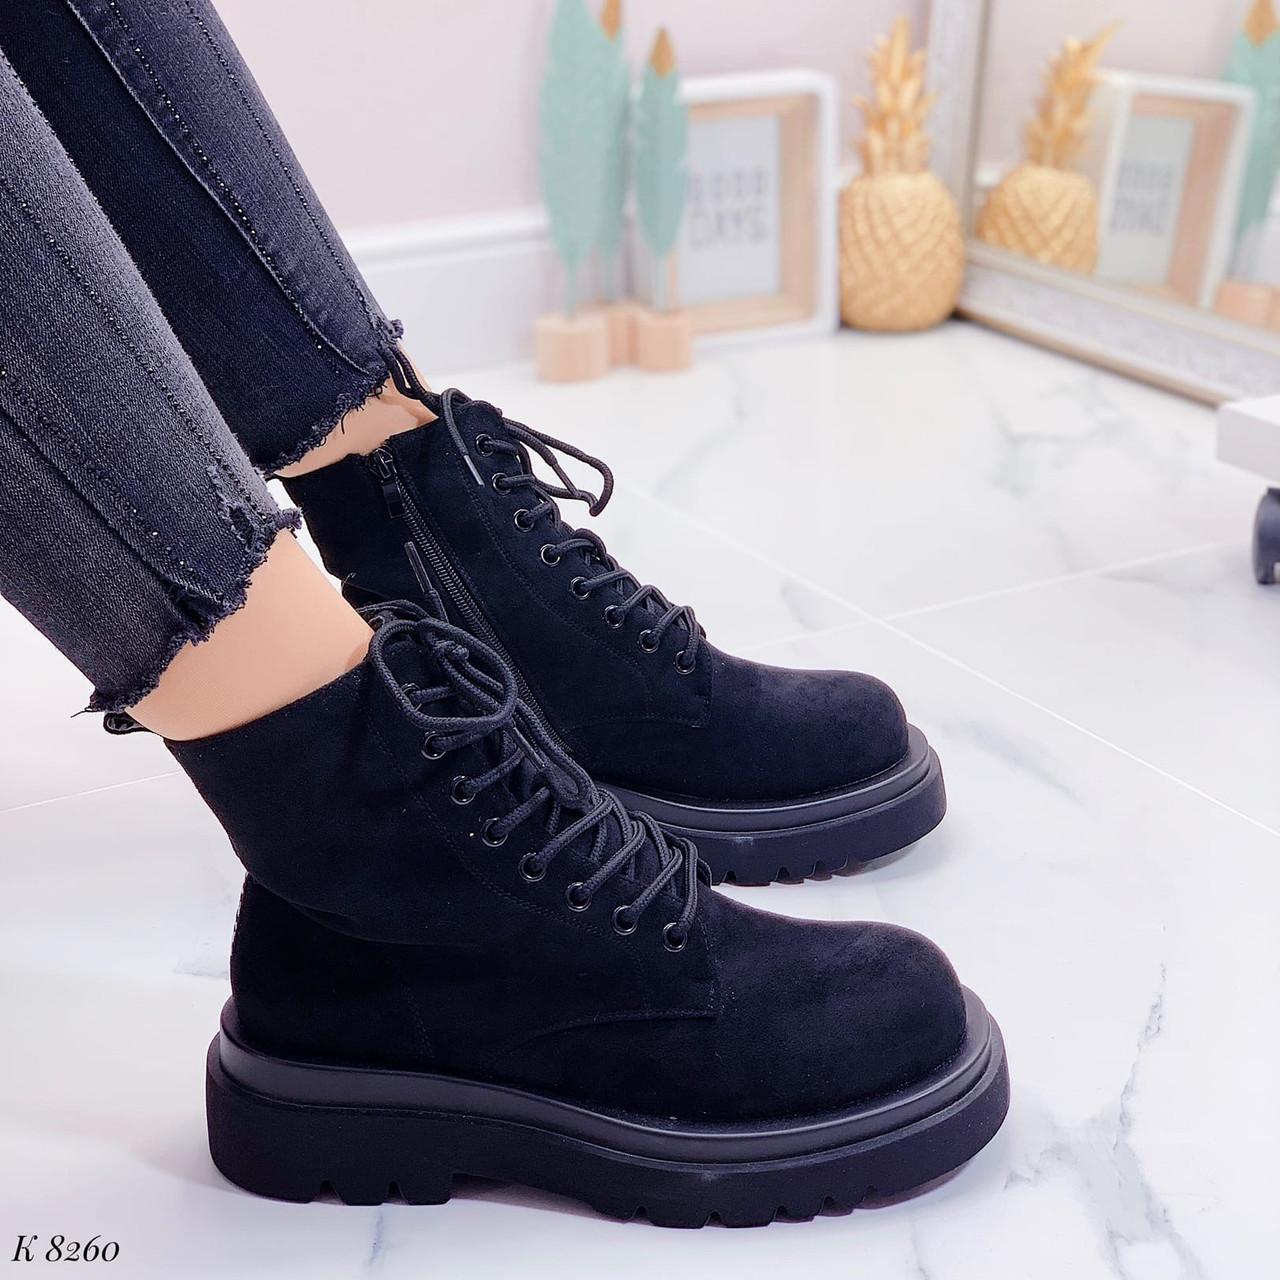 Женские ботинки ДЕМИ весна-осень черные эко-замш